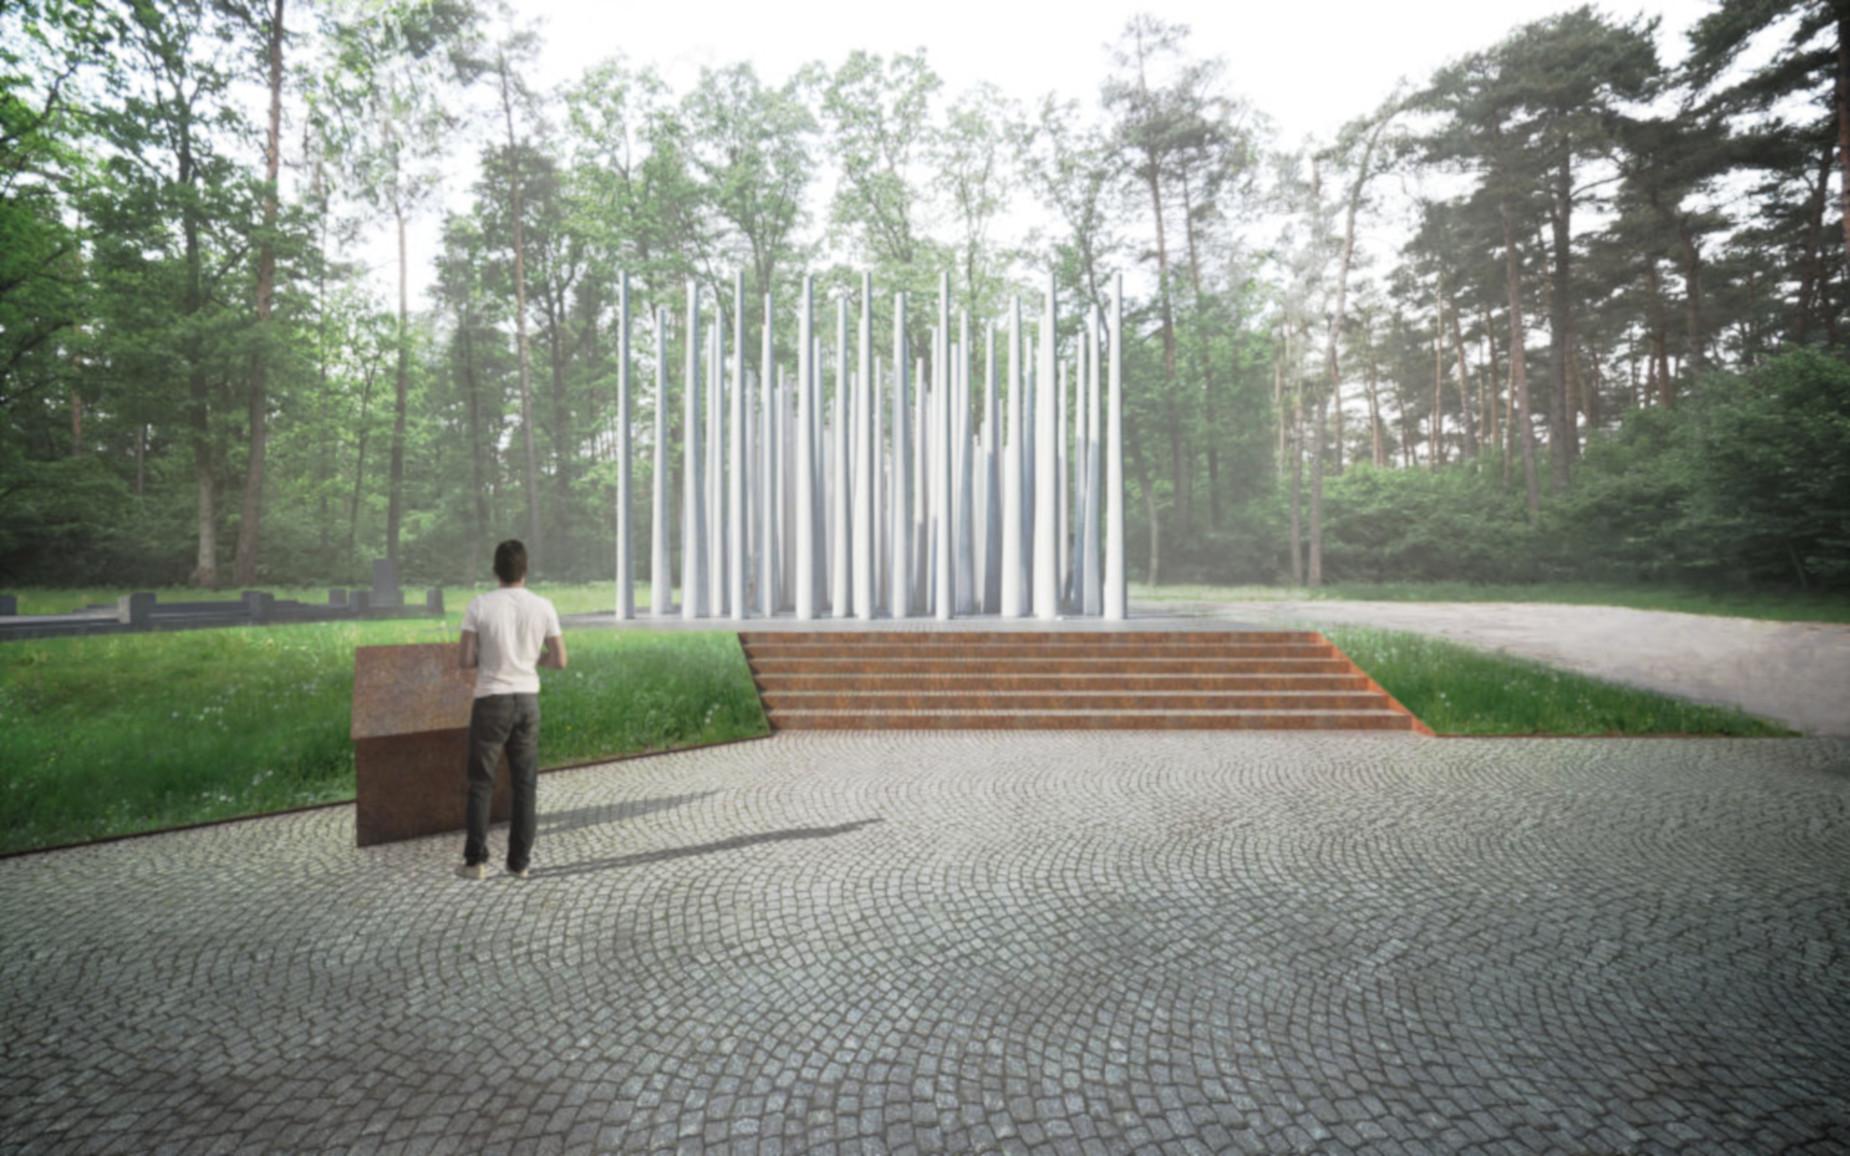 Pomorze upamiętni pomordowanych w Lesie Szpęgawskim.  180 tysięcy zł na pomnik ofiar niemieckiego ludobójstwa